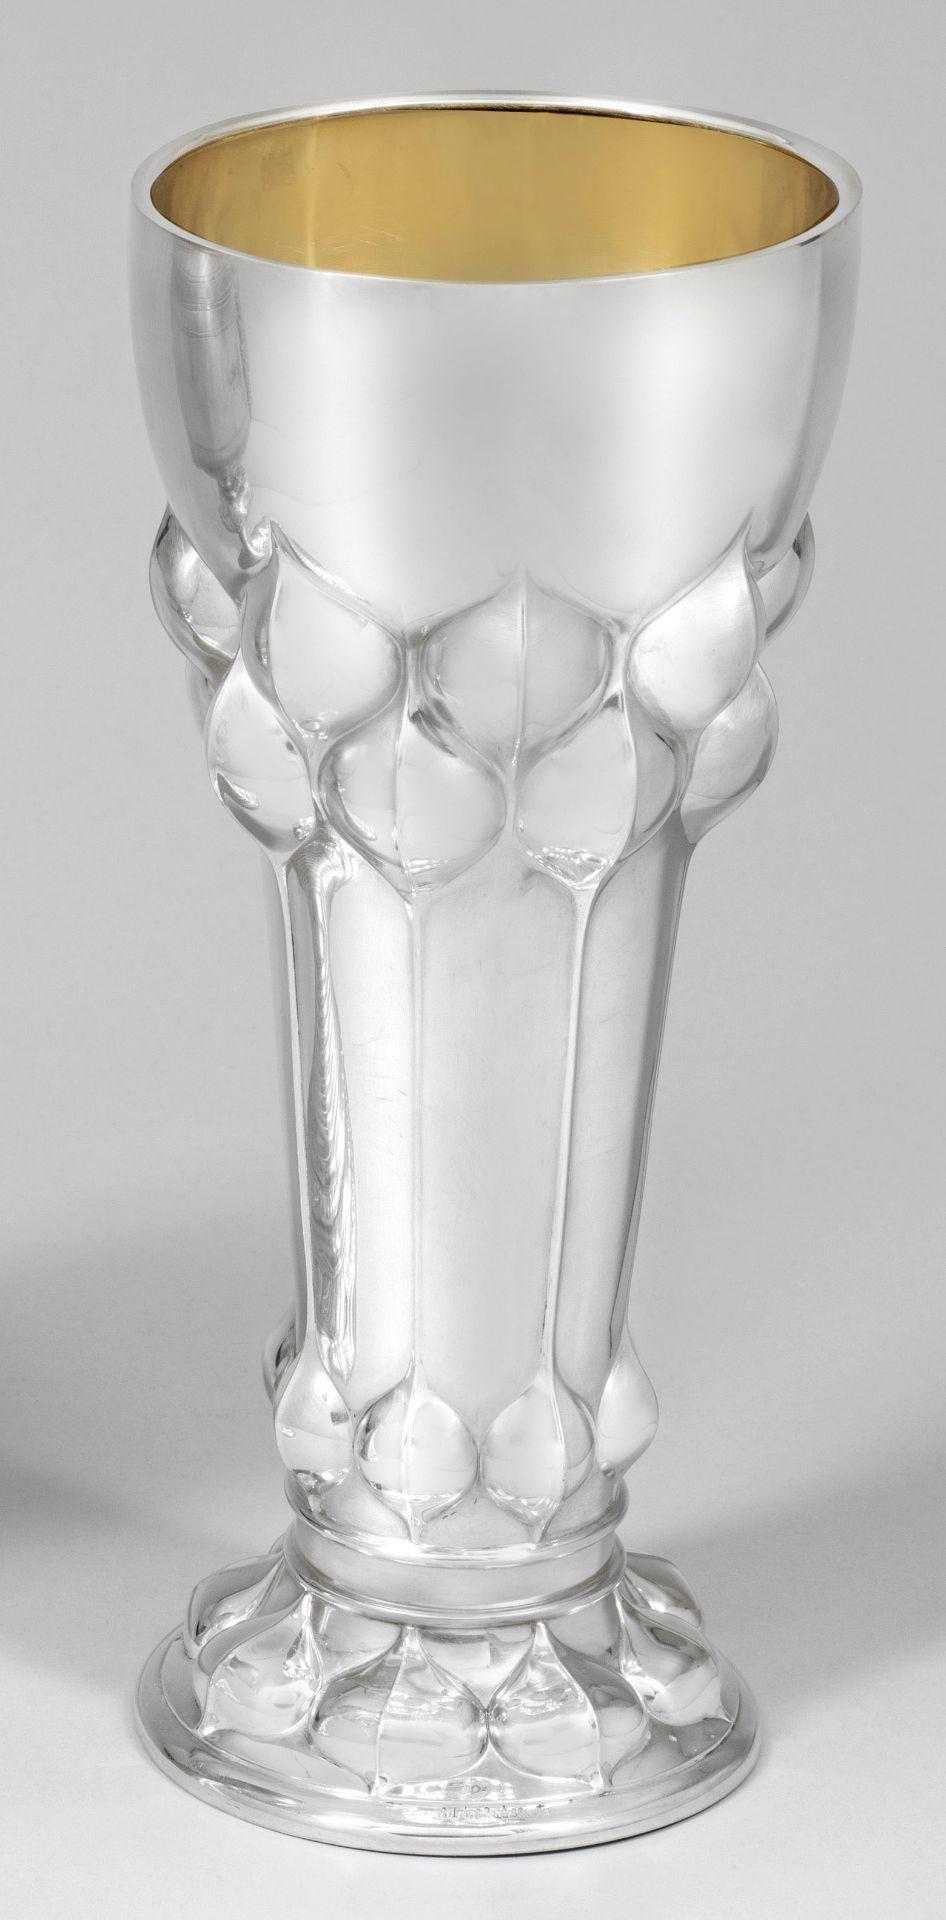 Großer Pokal - Image 2 of 2